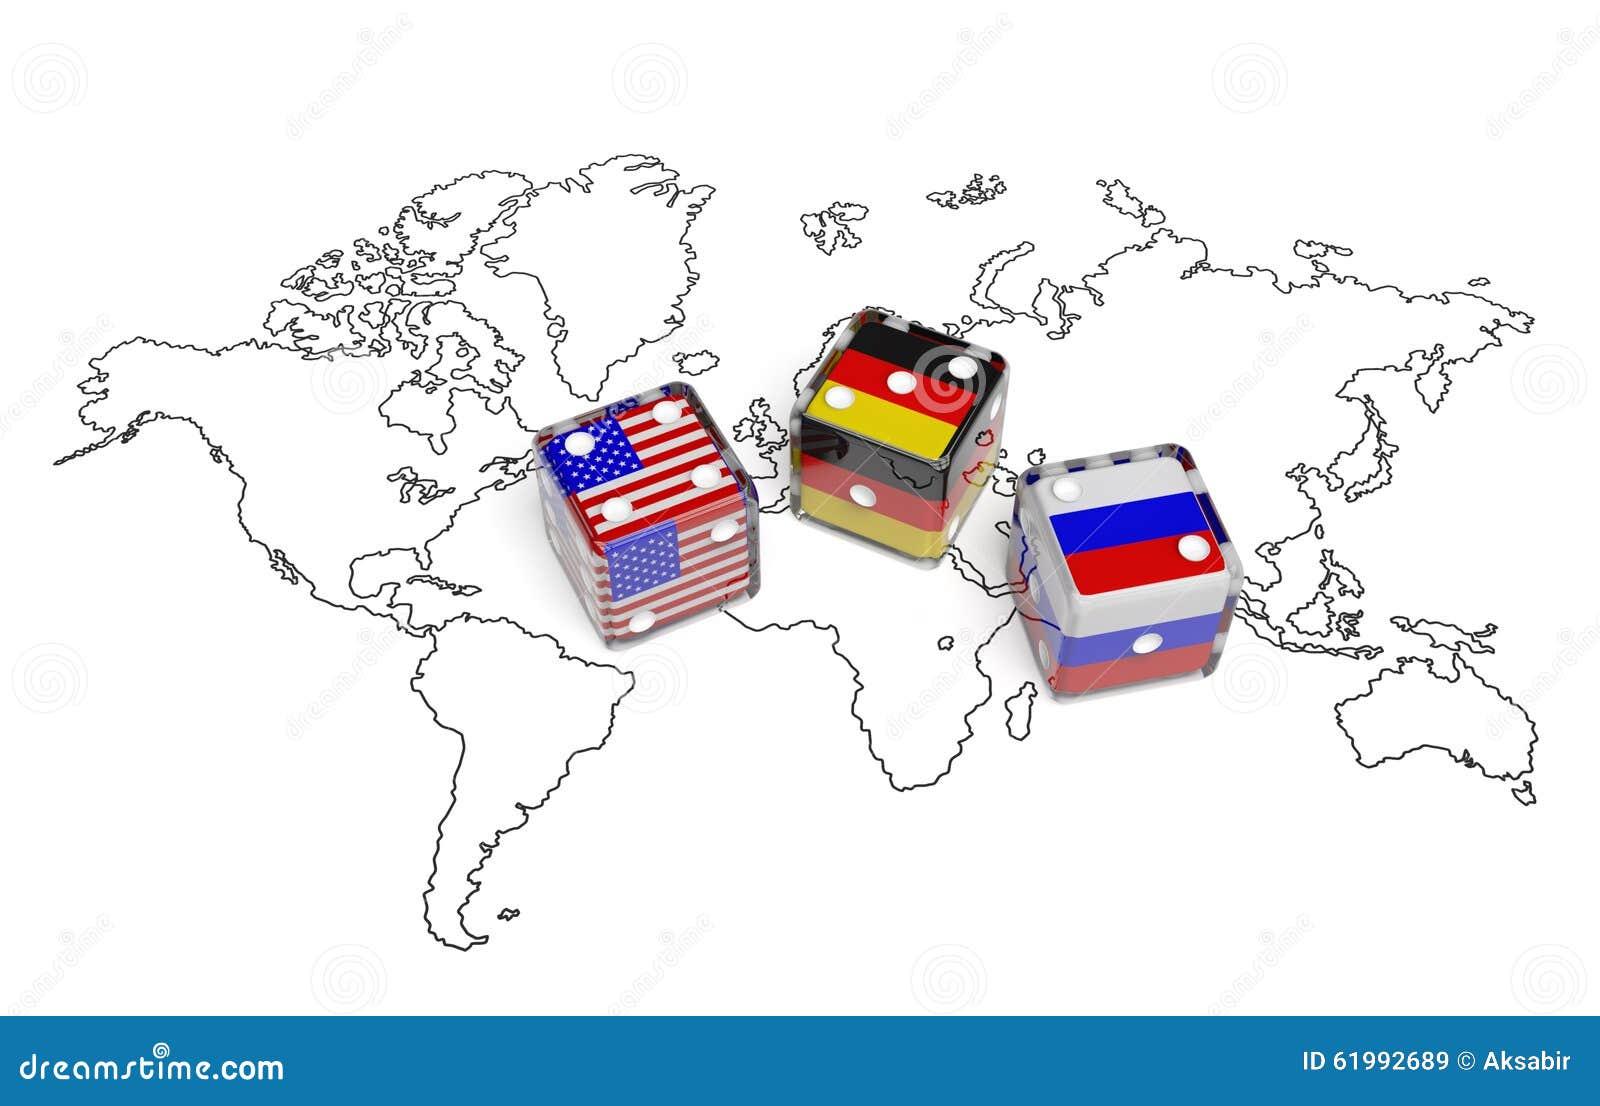 verhandlung zwischen usa deutschland und russland stock abbildung illustration von karte. Black Bedroom Furniture Sets. Home Design Ideas